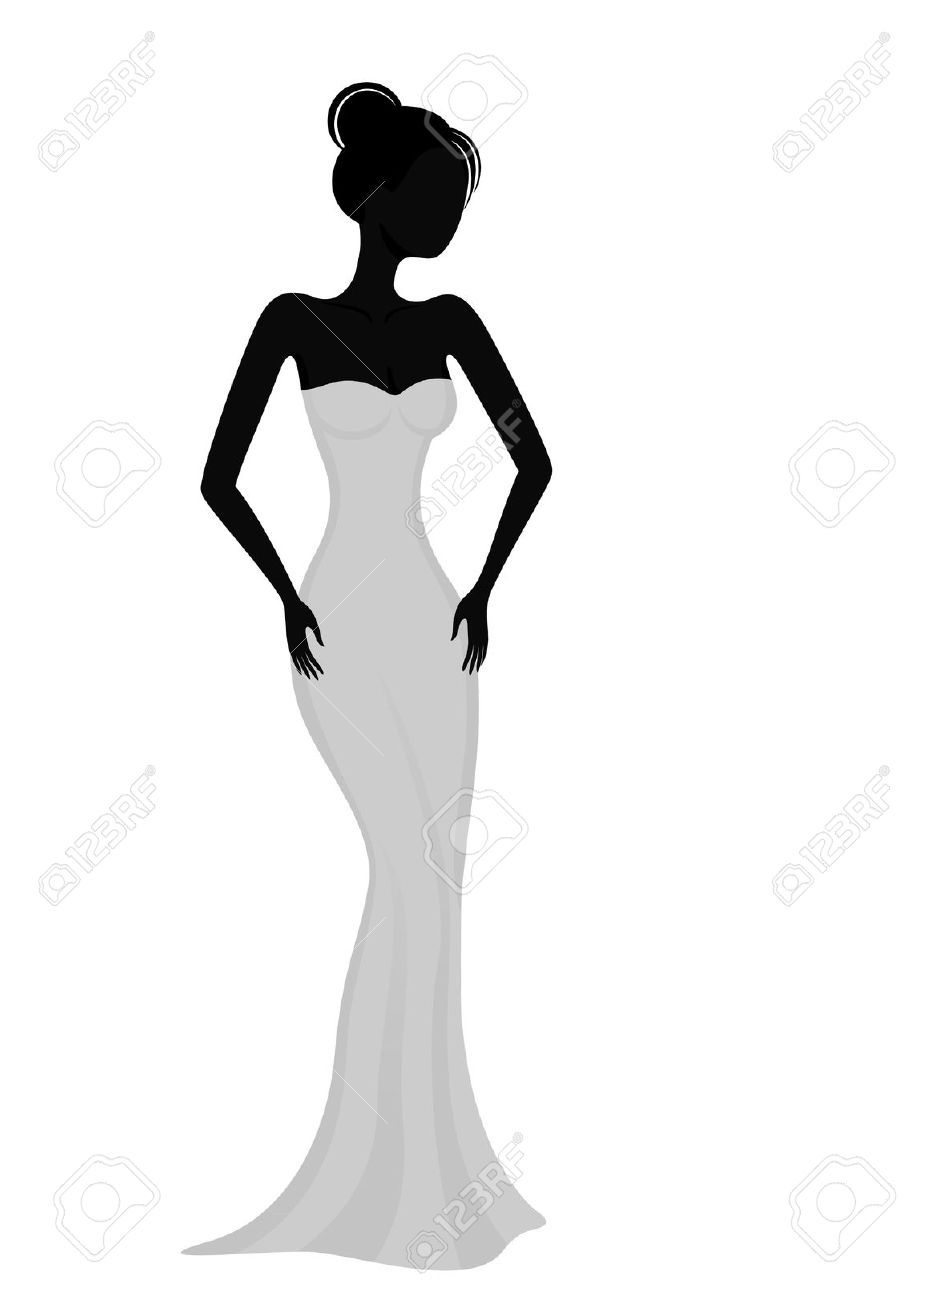 928x1300 Female Figure, Vector, Silhouette